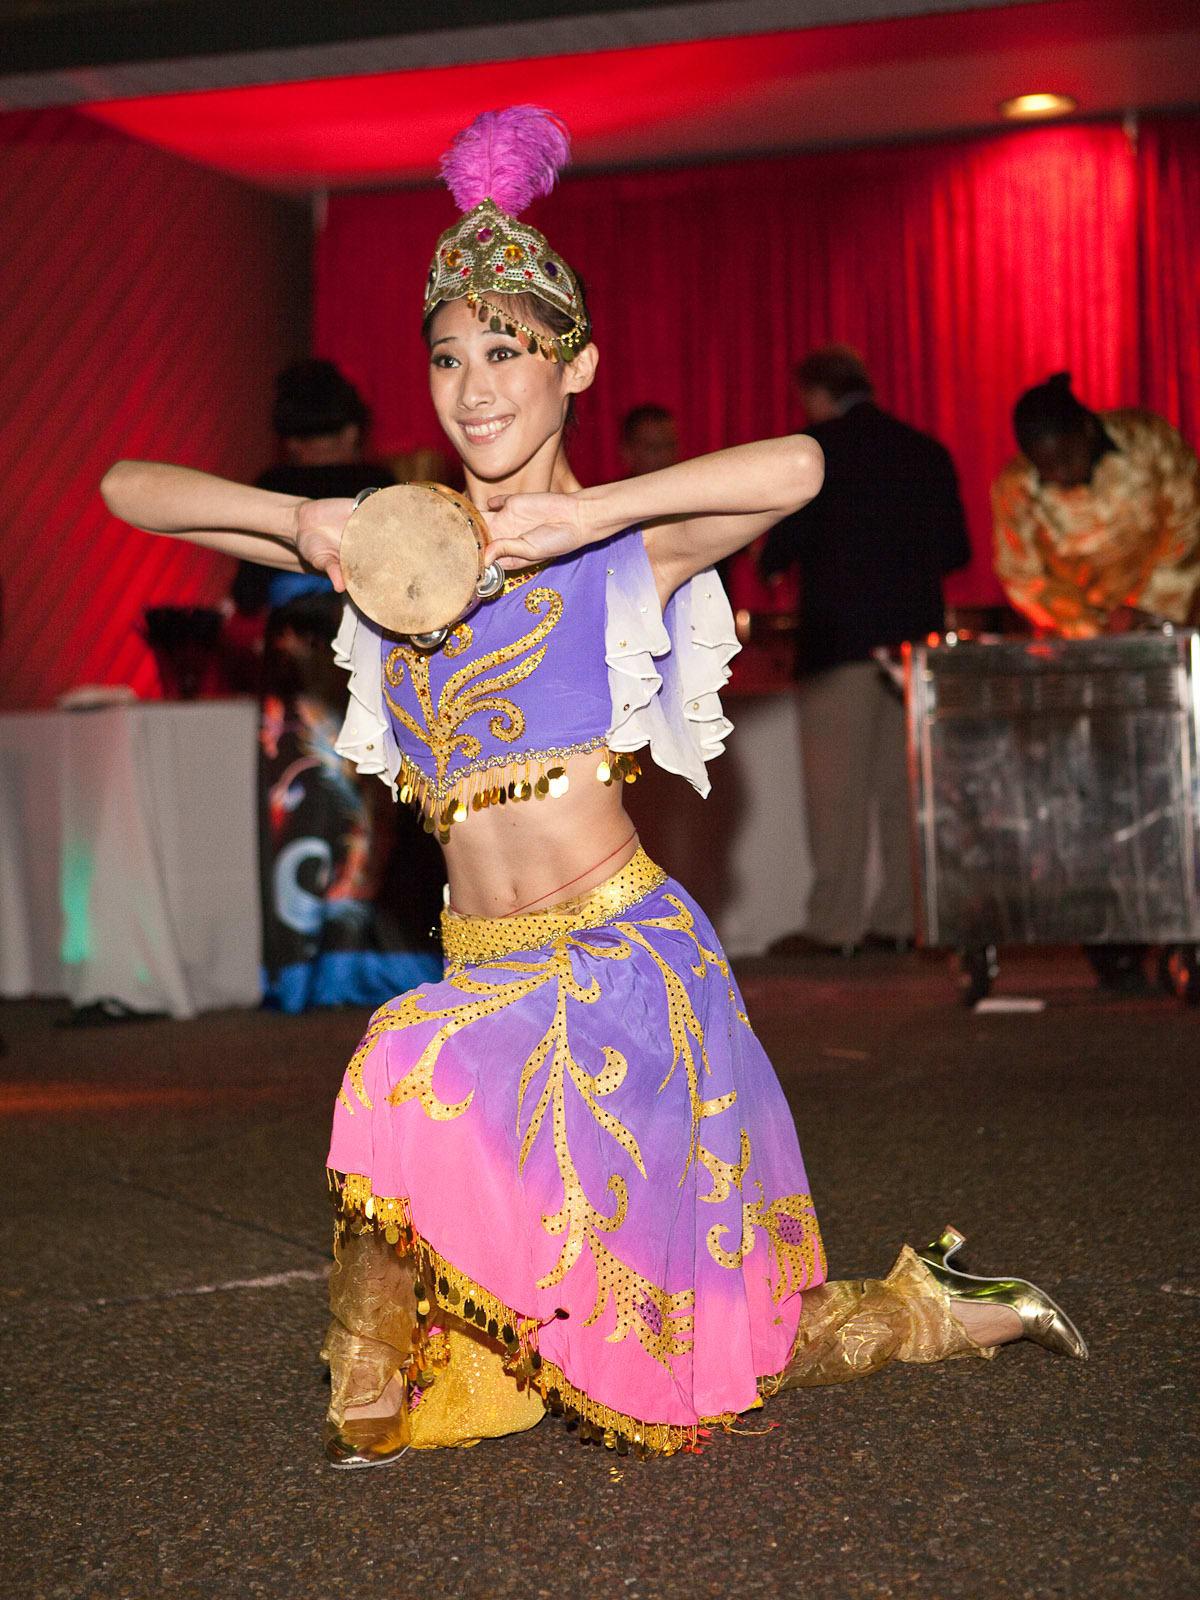 News_Bayou Preservation_dancer